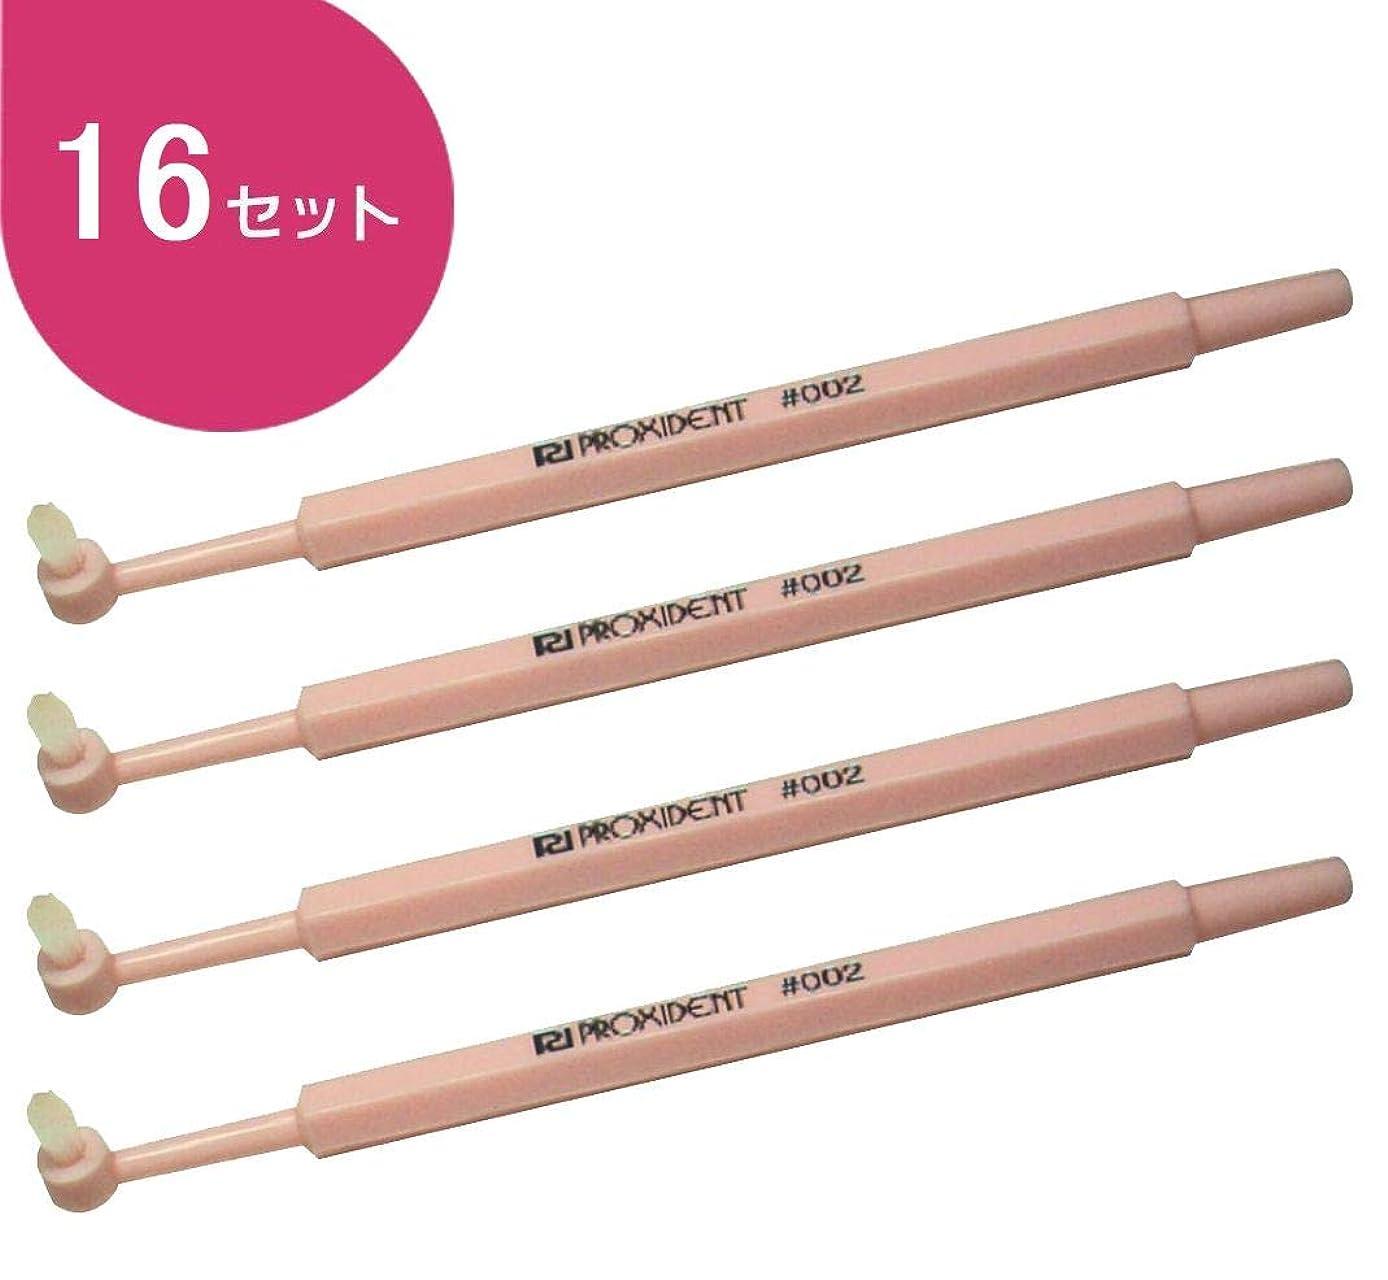 欠席トーストマートプローデント プロキシデント フィックスワン(Fix one)歯ブラシ #002 soft (22本)